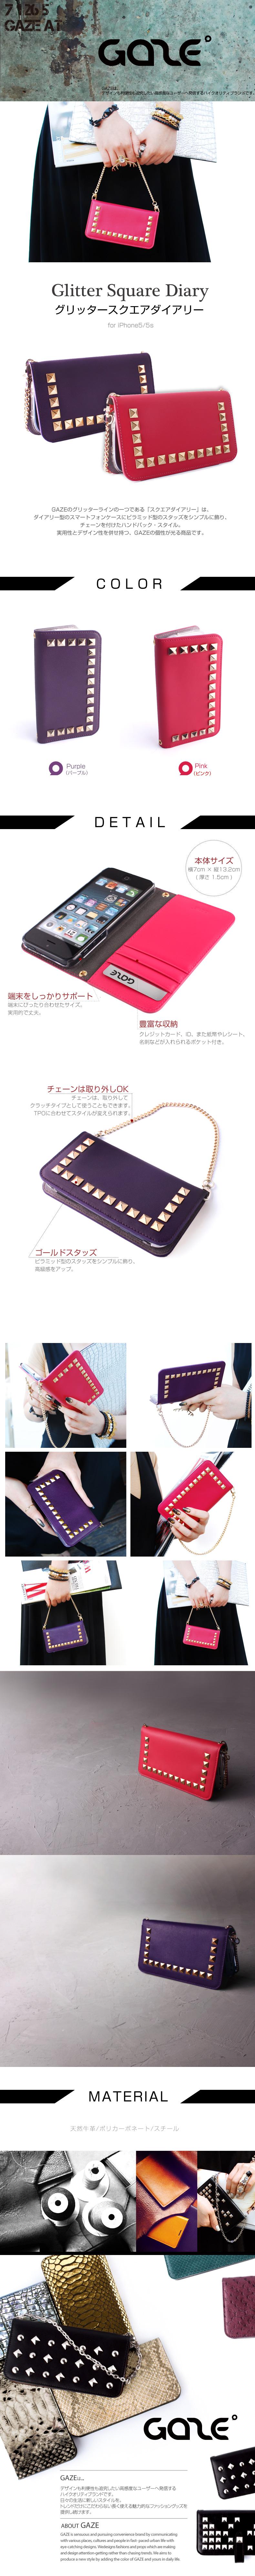 商品詳細iPhone5/5sGlitter Square Diary (グリッタースクエアダイアリー)